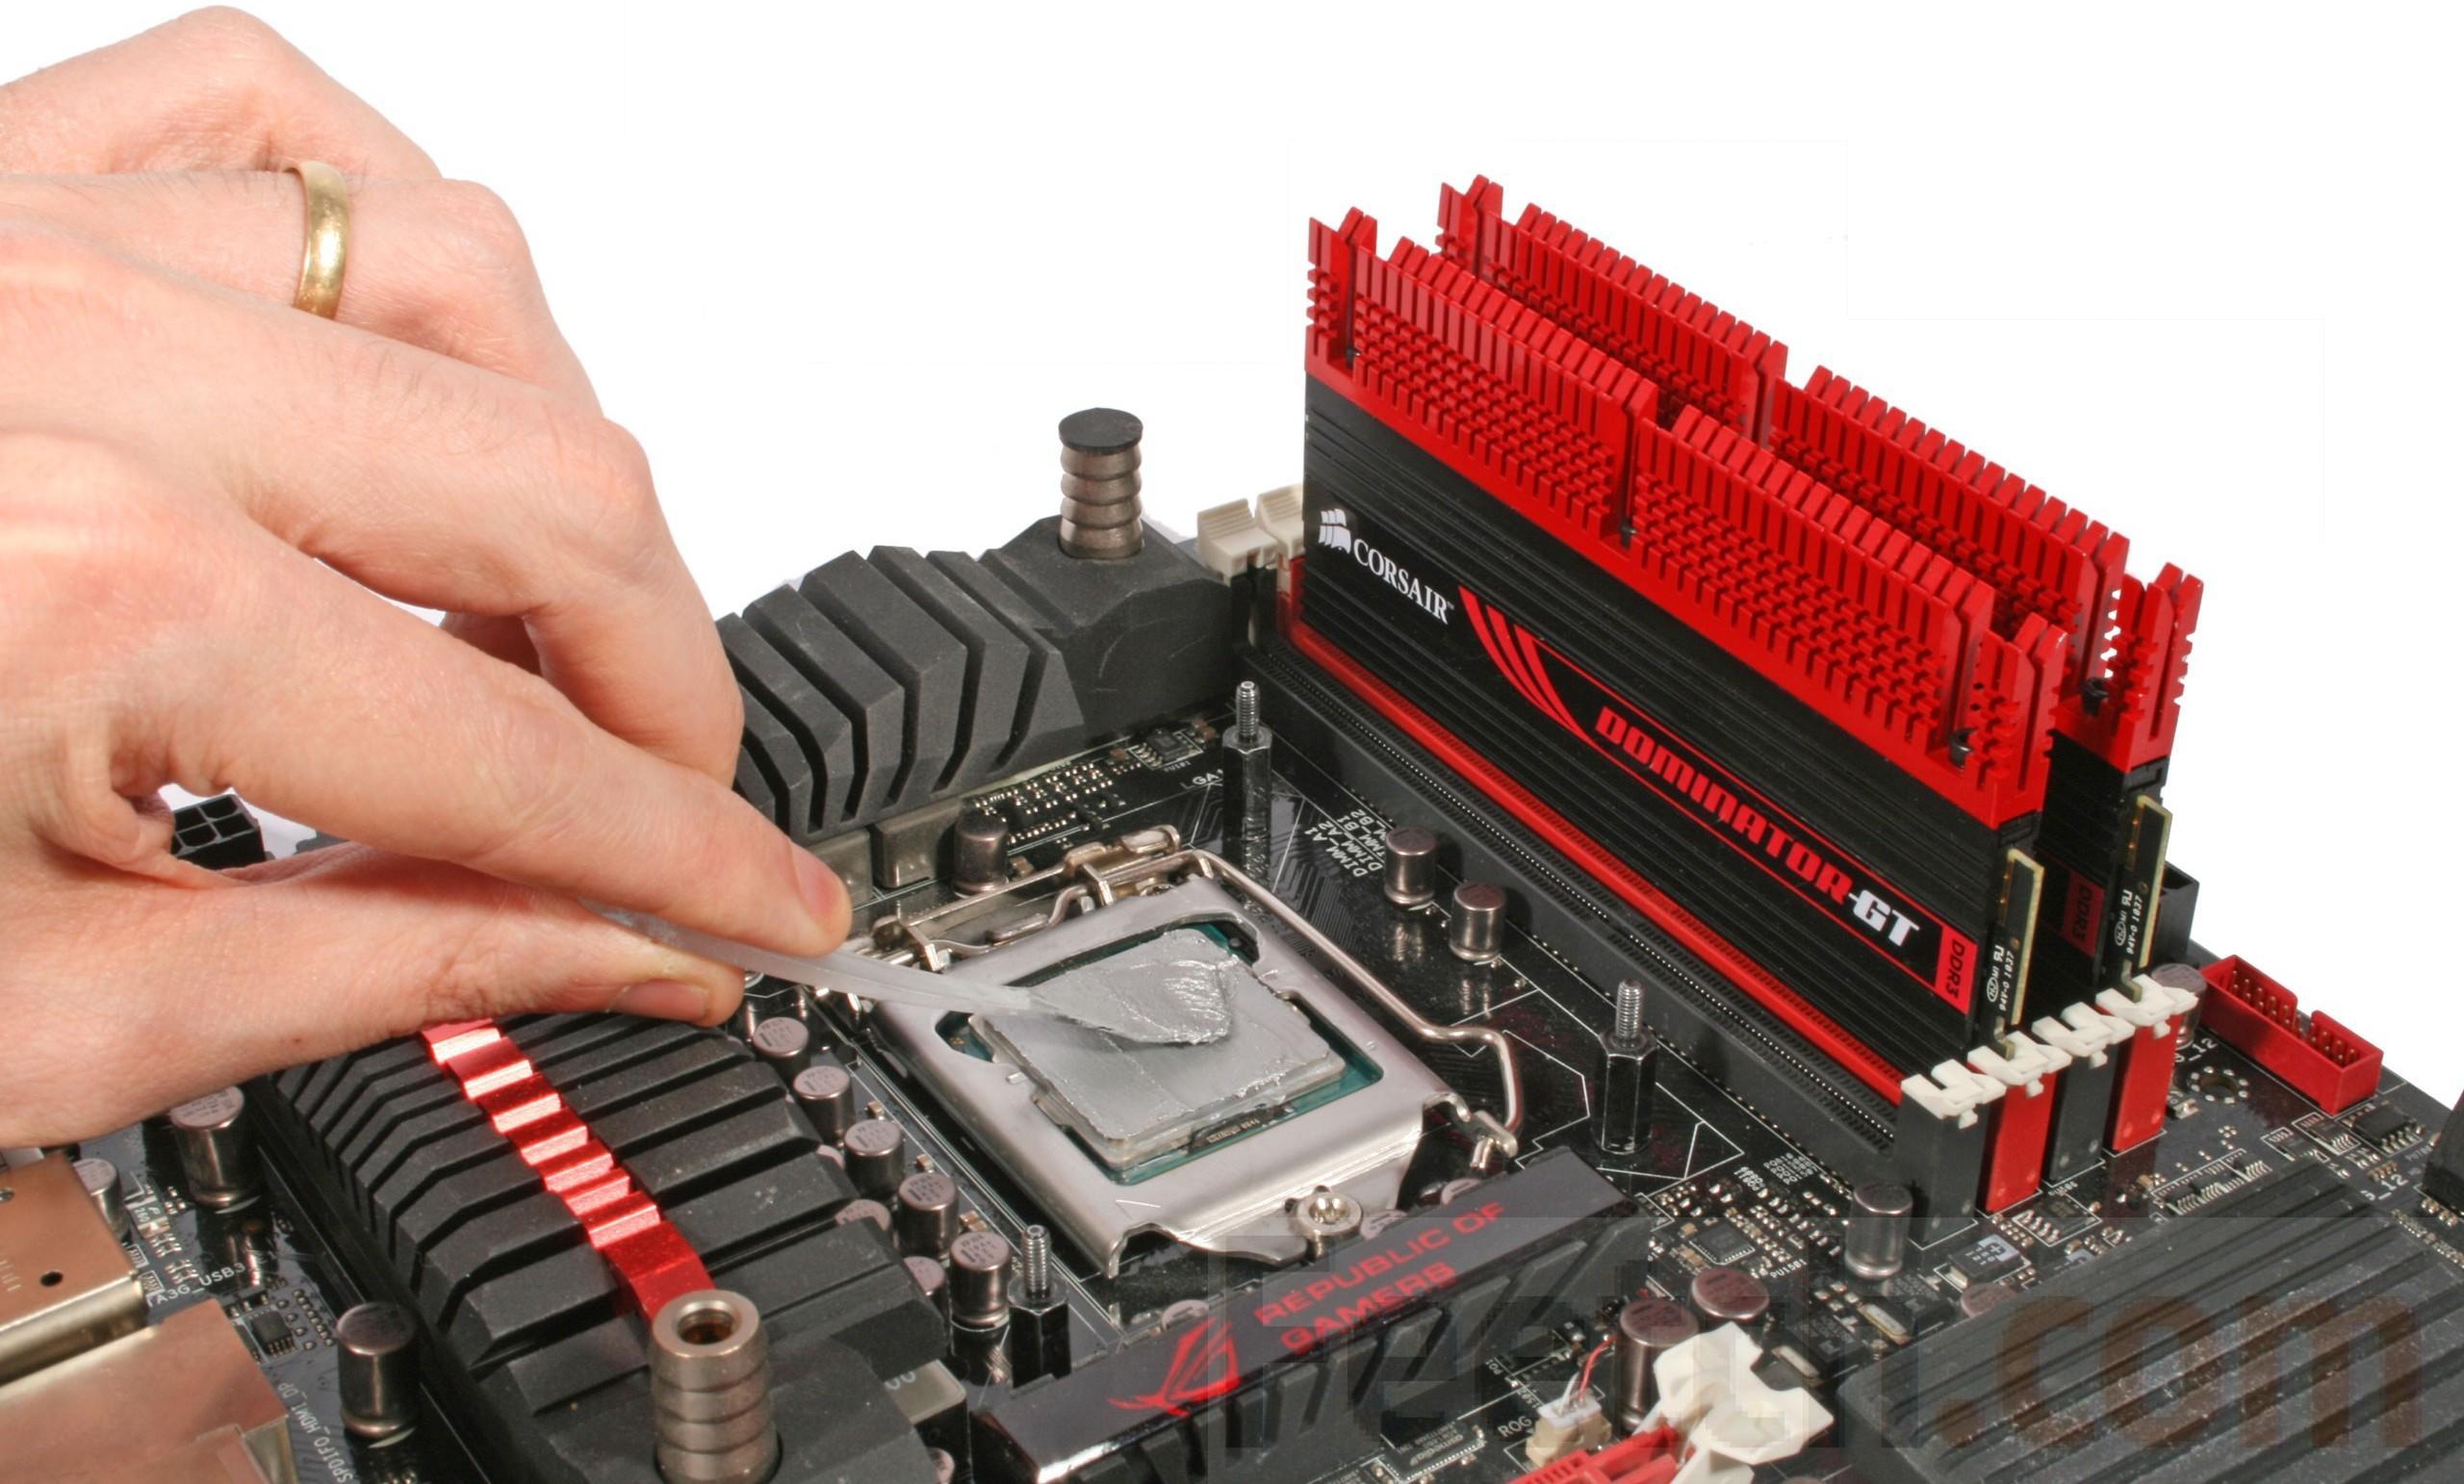 Наносим термопасту на процессор компьютера правильно